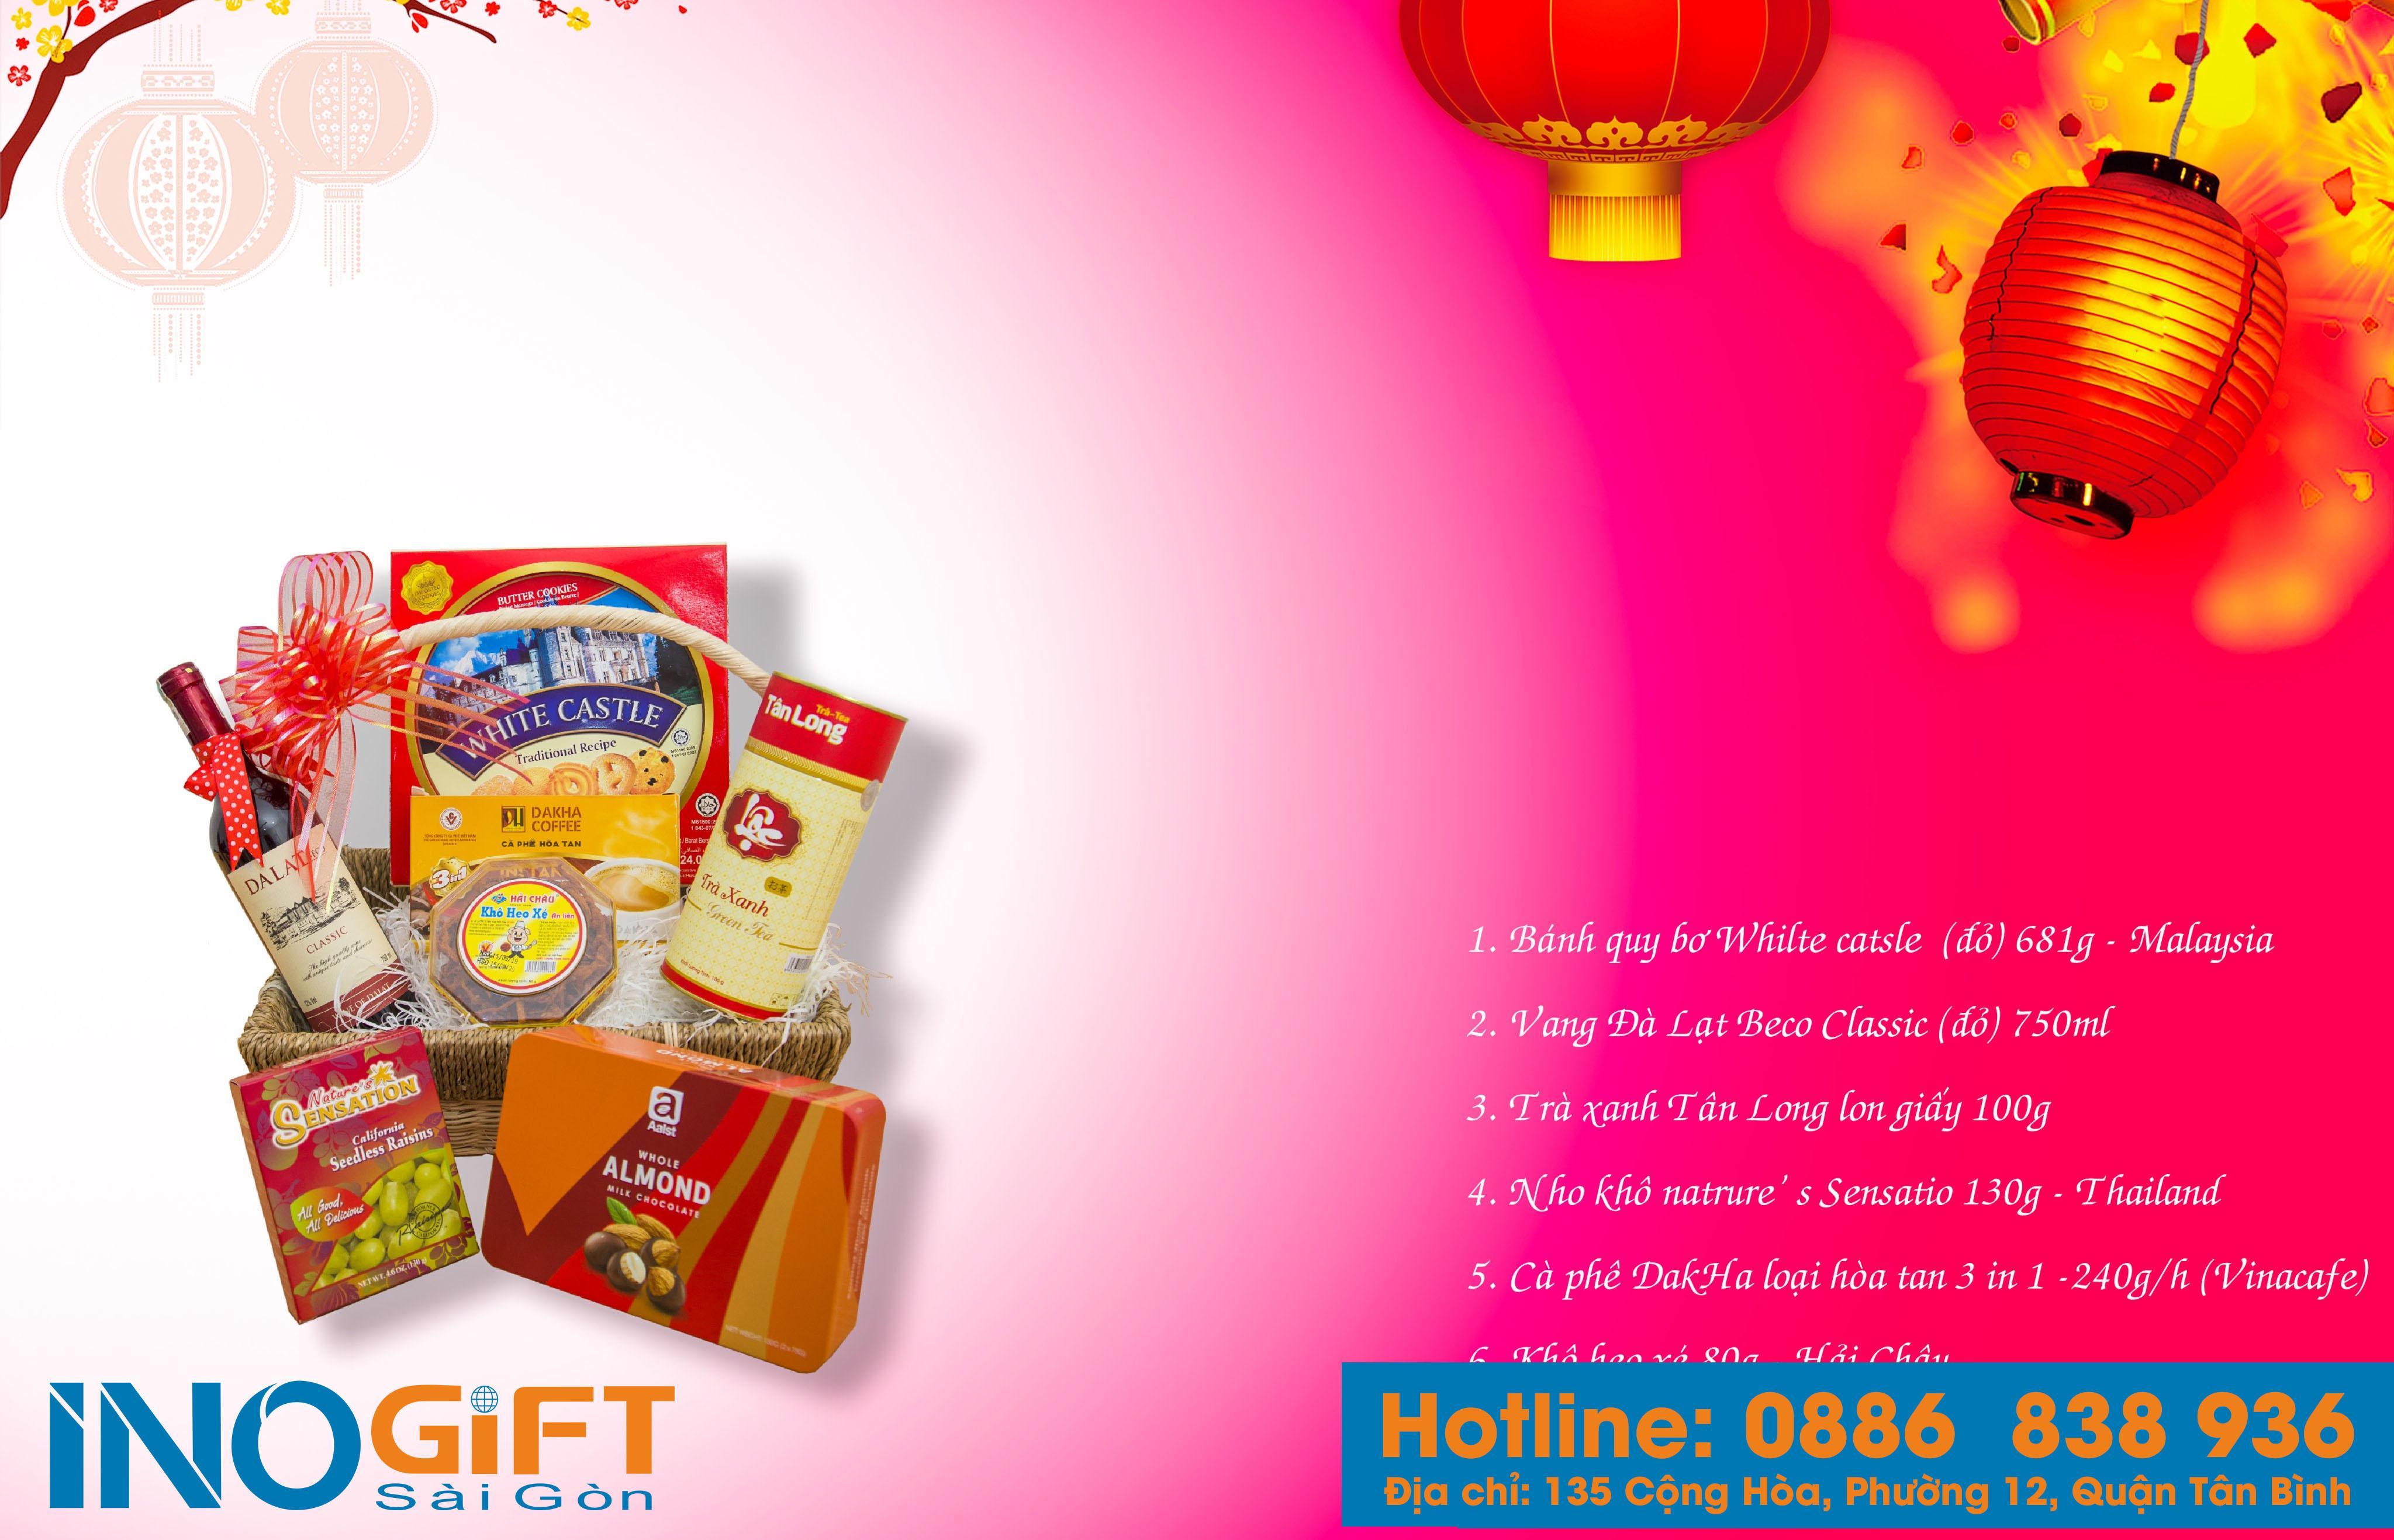 Công ty cung cấp quà tặng, giỏ quà tết giá sỉ rẻ nhất tại tphcm